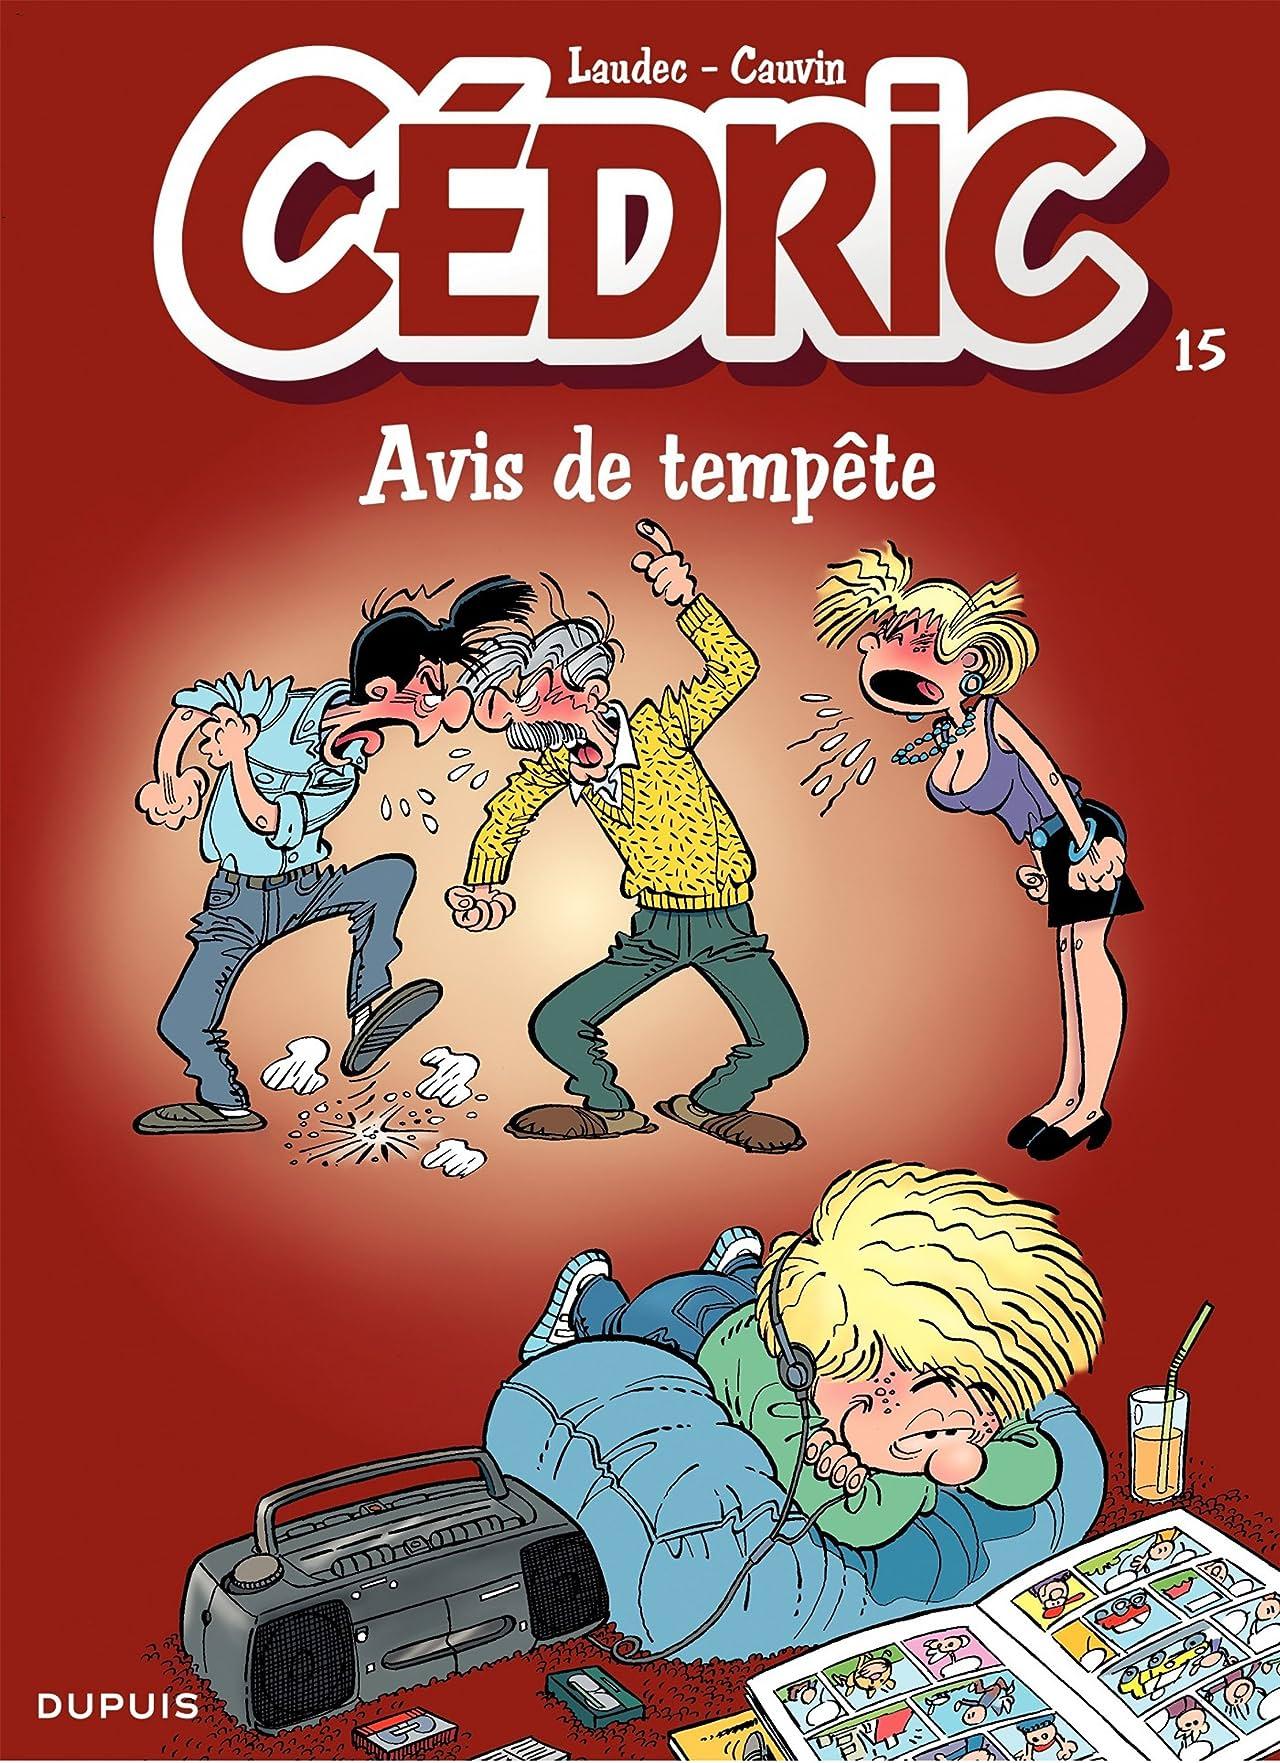 Cédric Vol. 15: AVIS DE TEMPETE